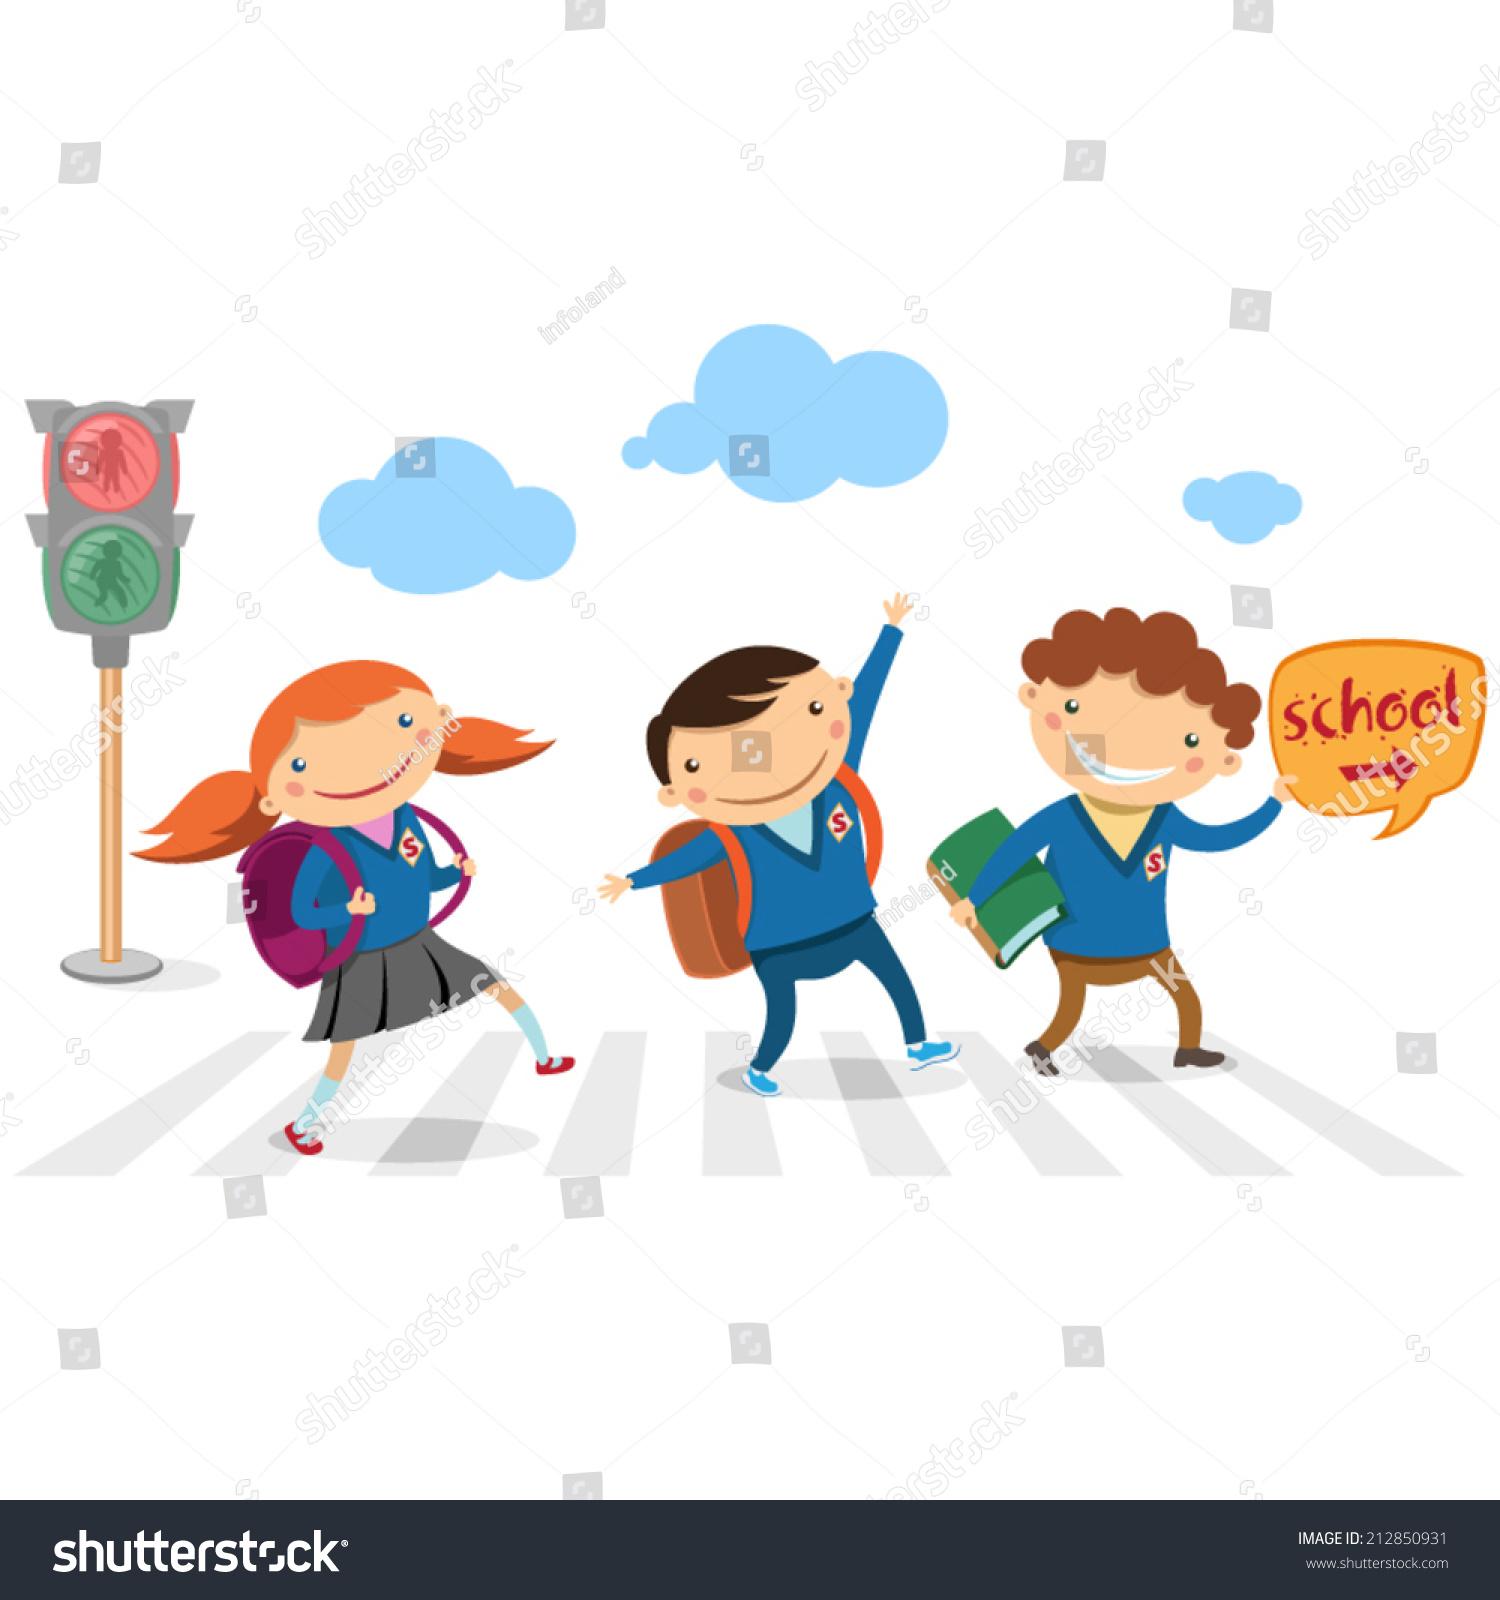 Children Go School Across Road Stock Vector HD Royalty Free